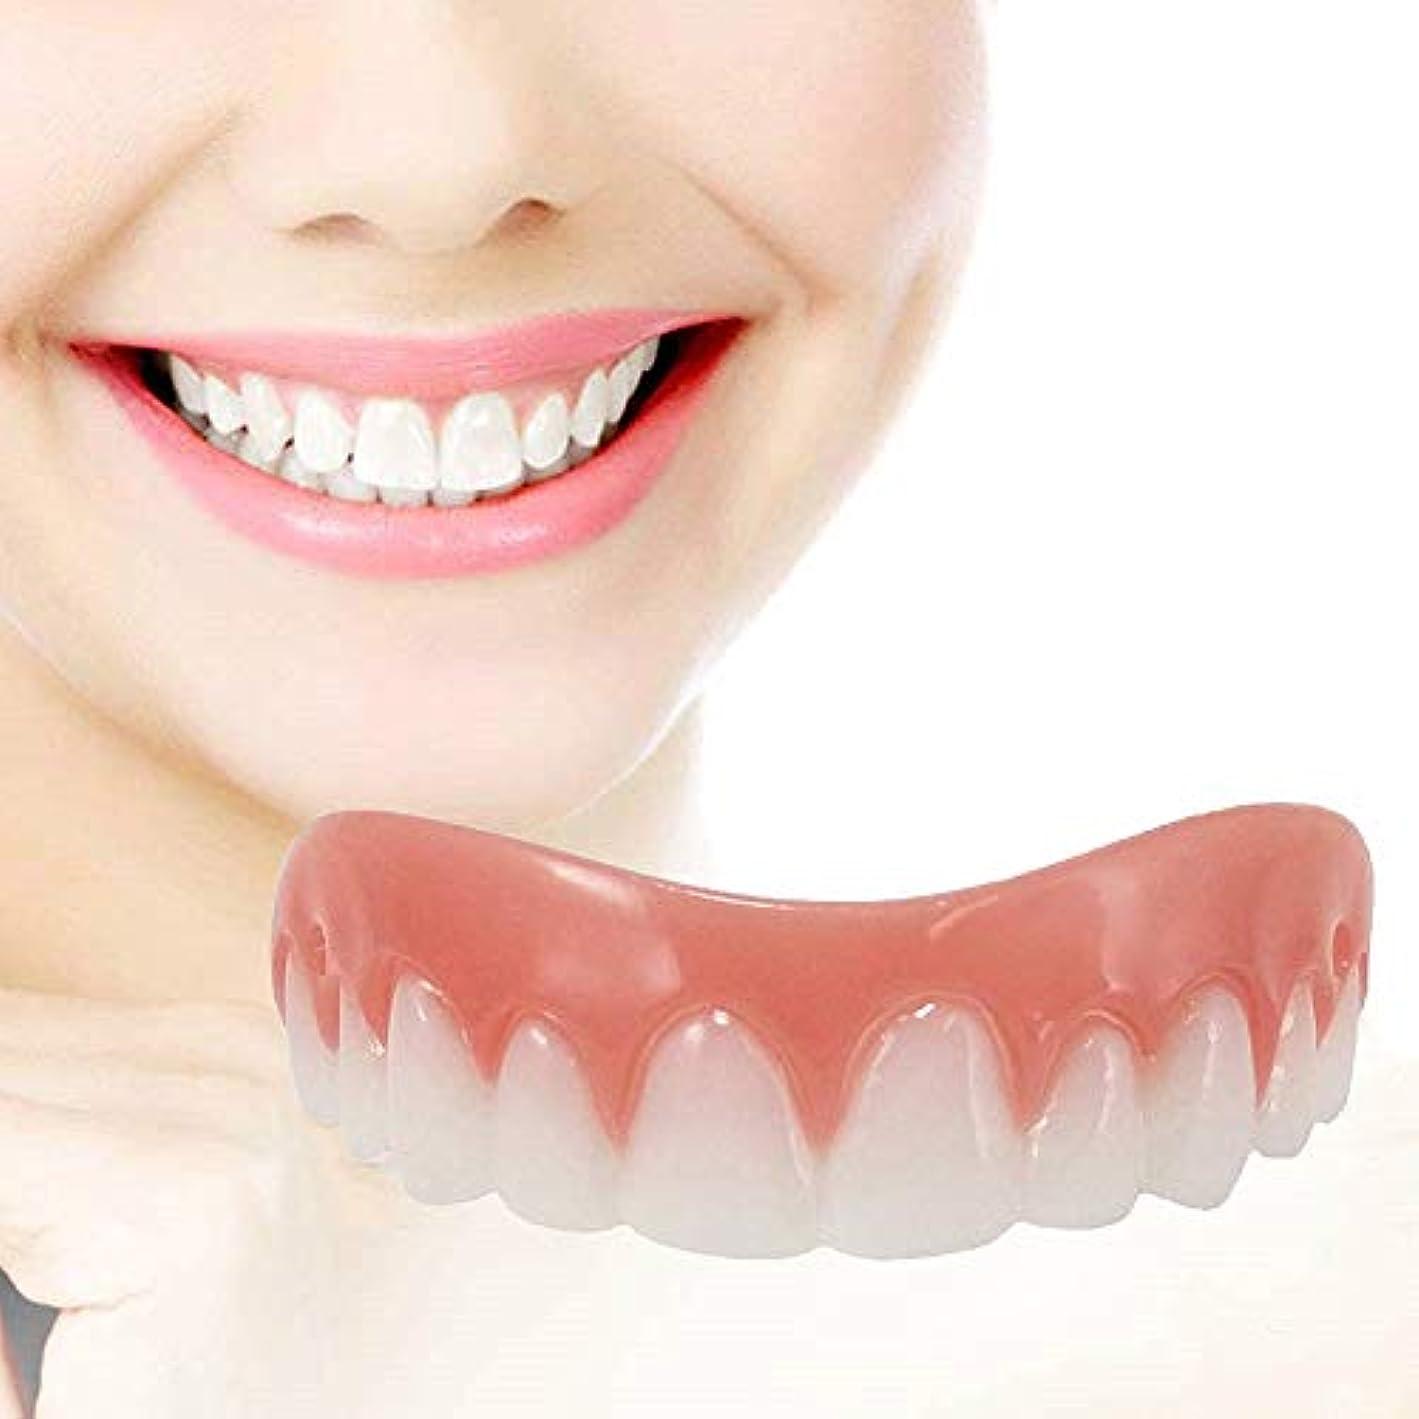 アラビア語告発者削減女性、人のために白くなる即刻のベニヤの義歯の微笑の慰めの適合の屈曲の化粧品の偽歯